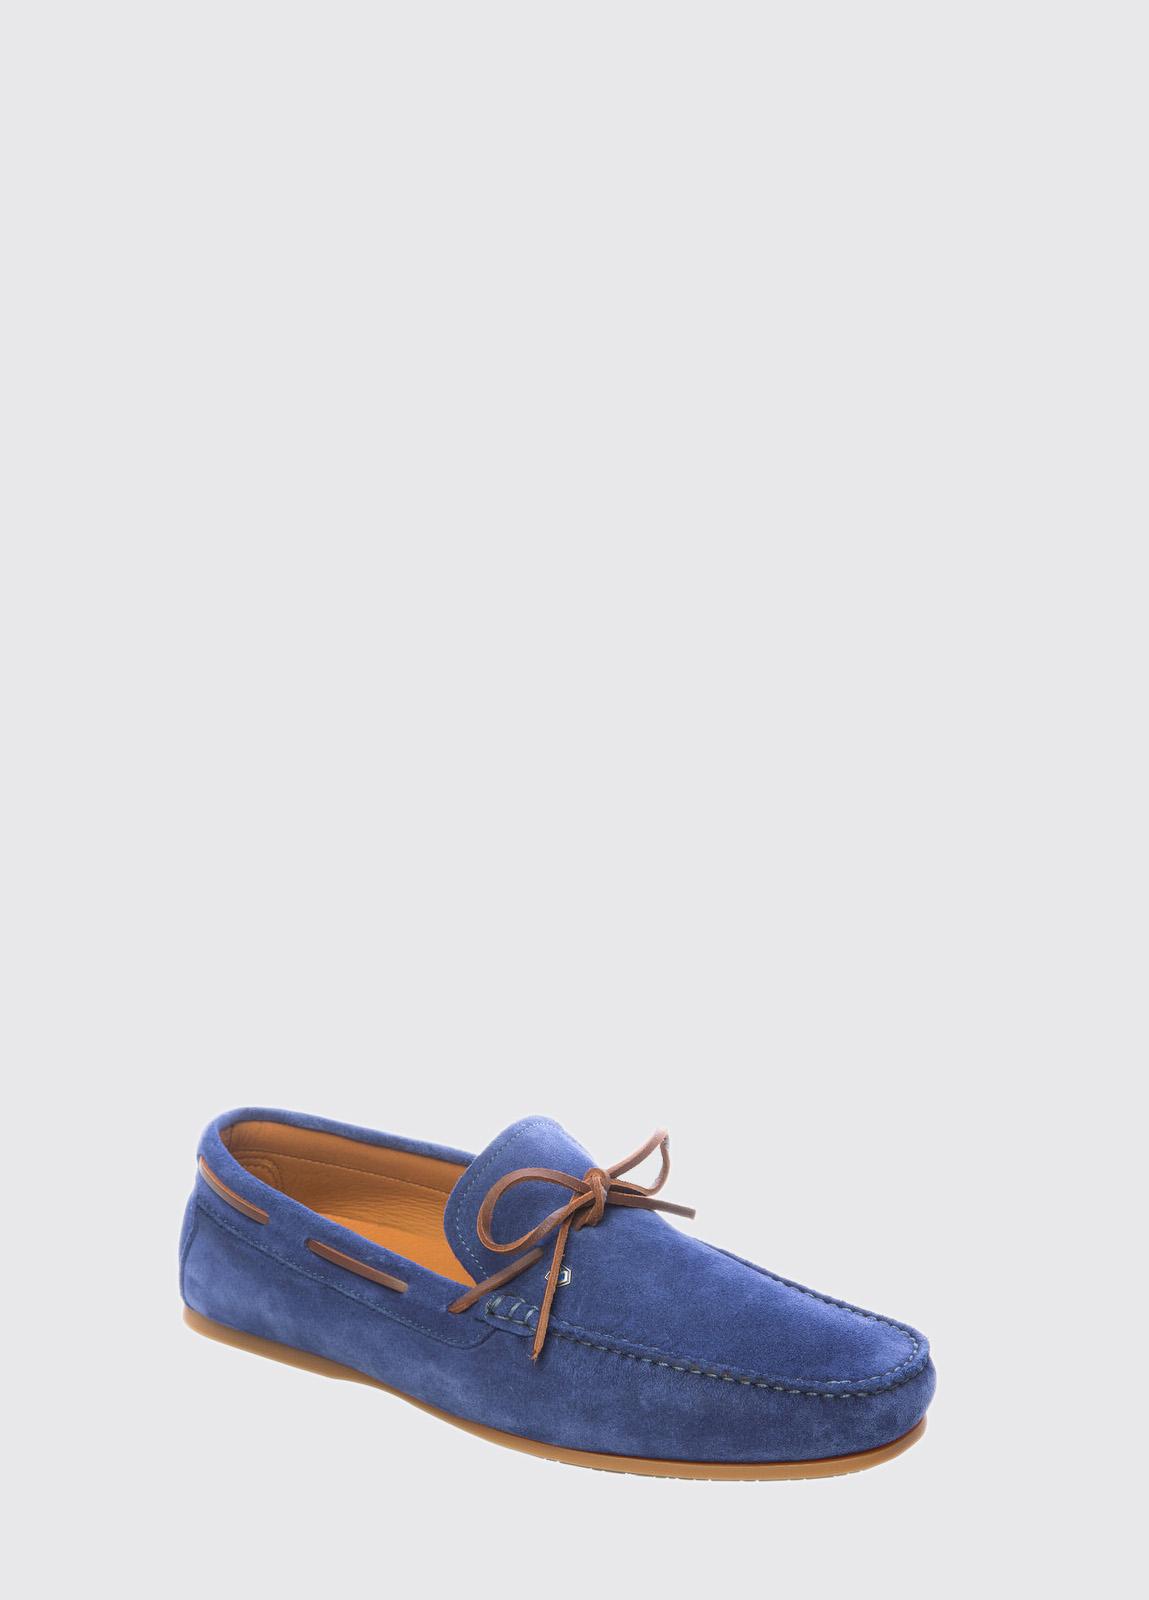 Corsica Mens Deck Shoe - Cobalt